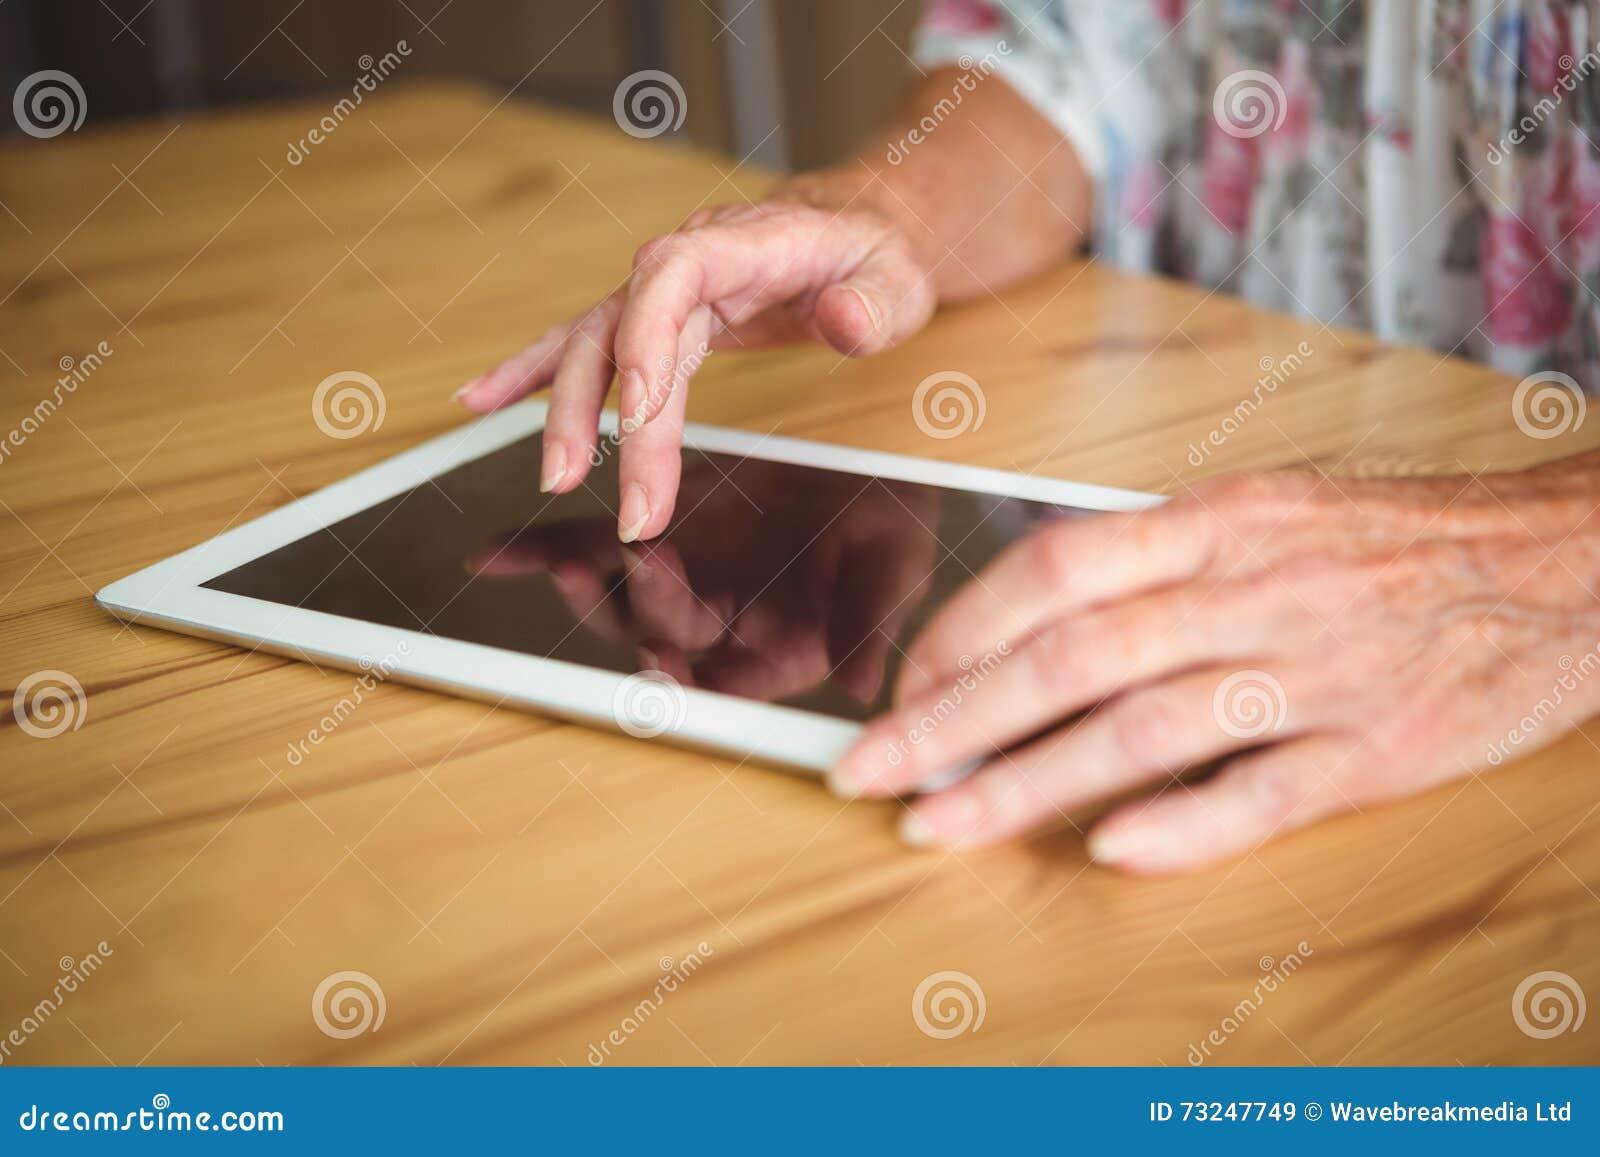 Stara osoba dotyka cyfrową pastylkę